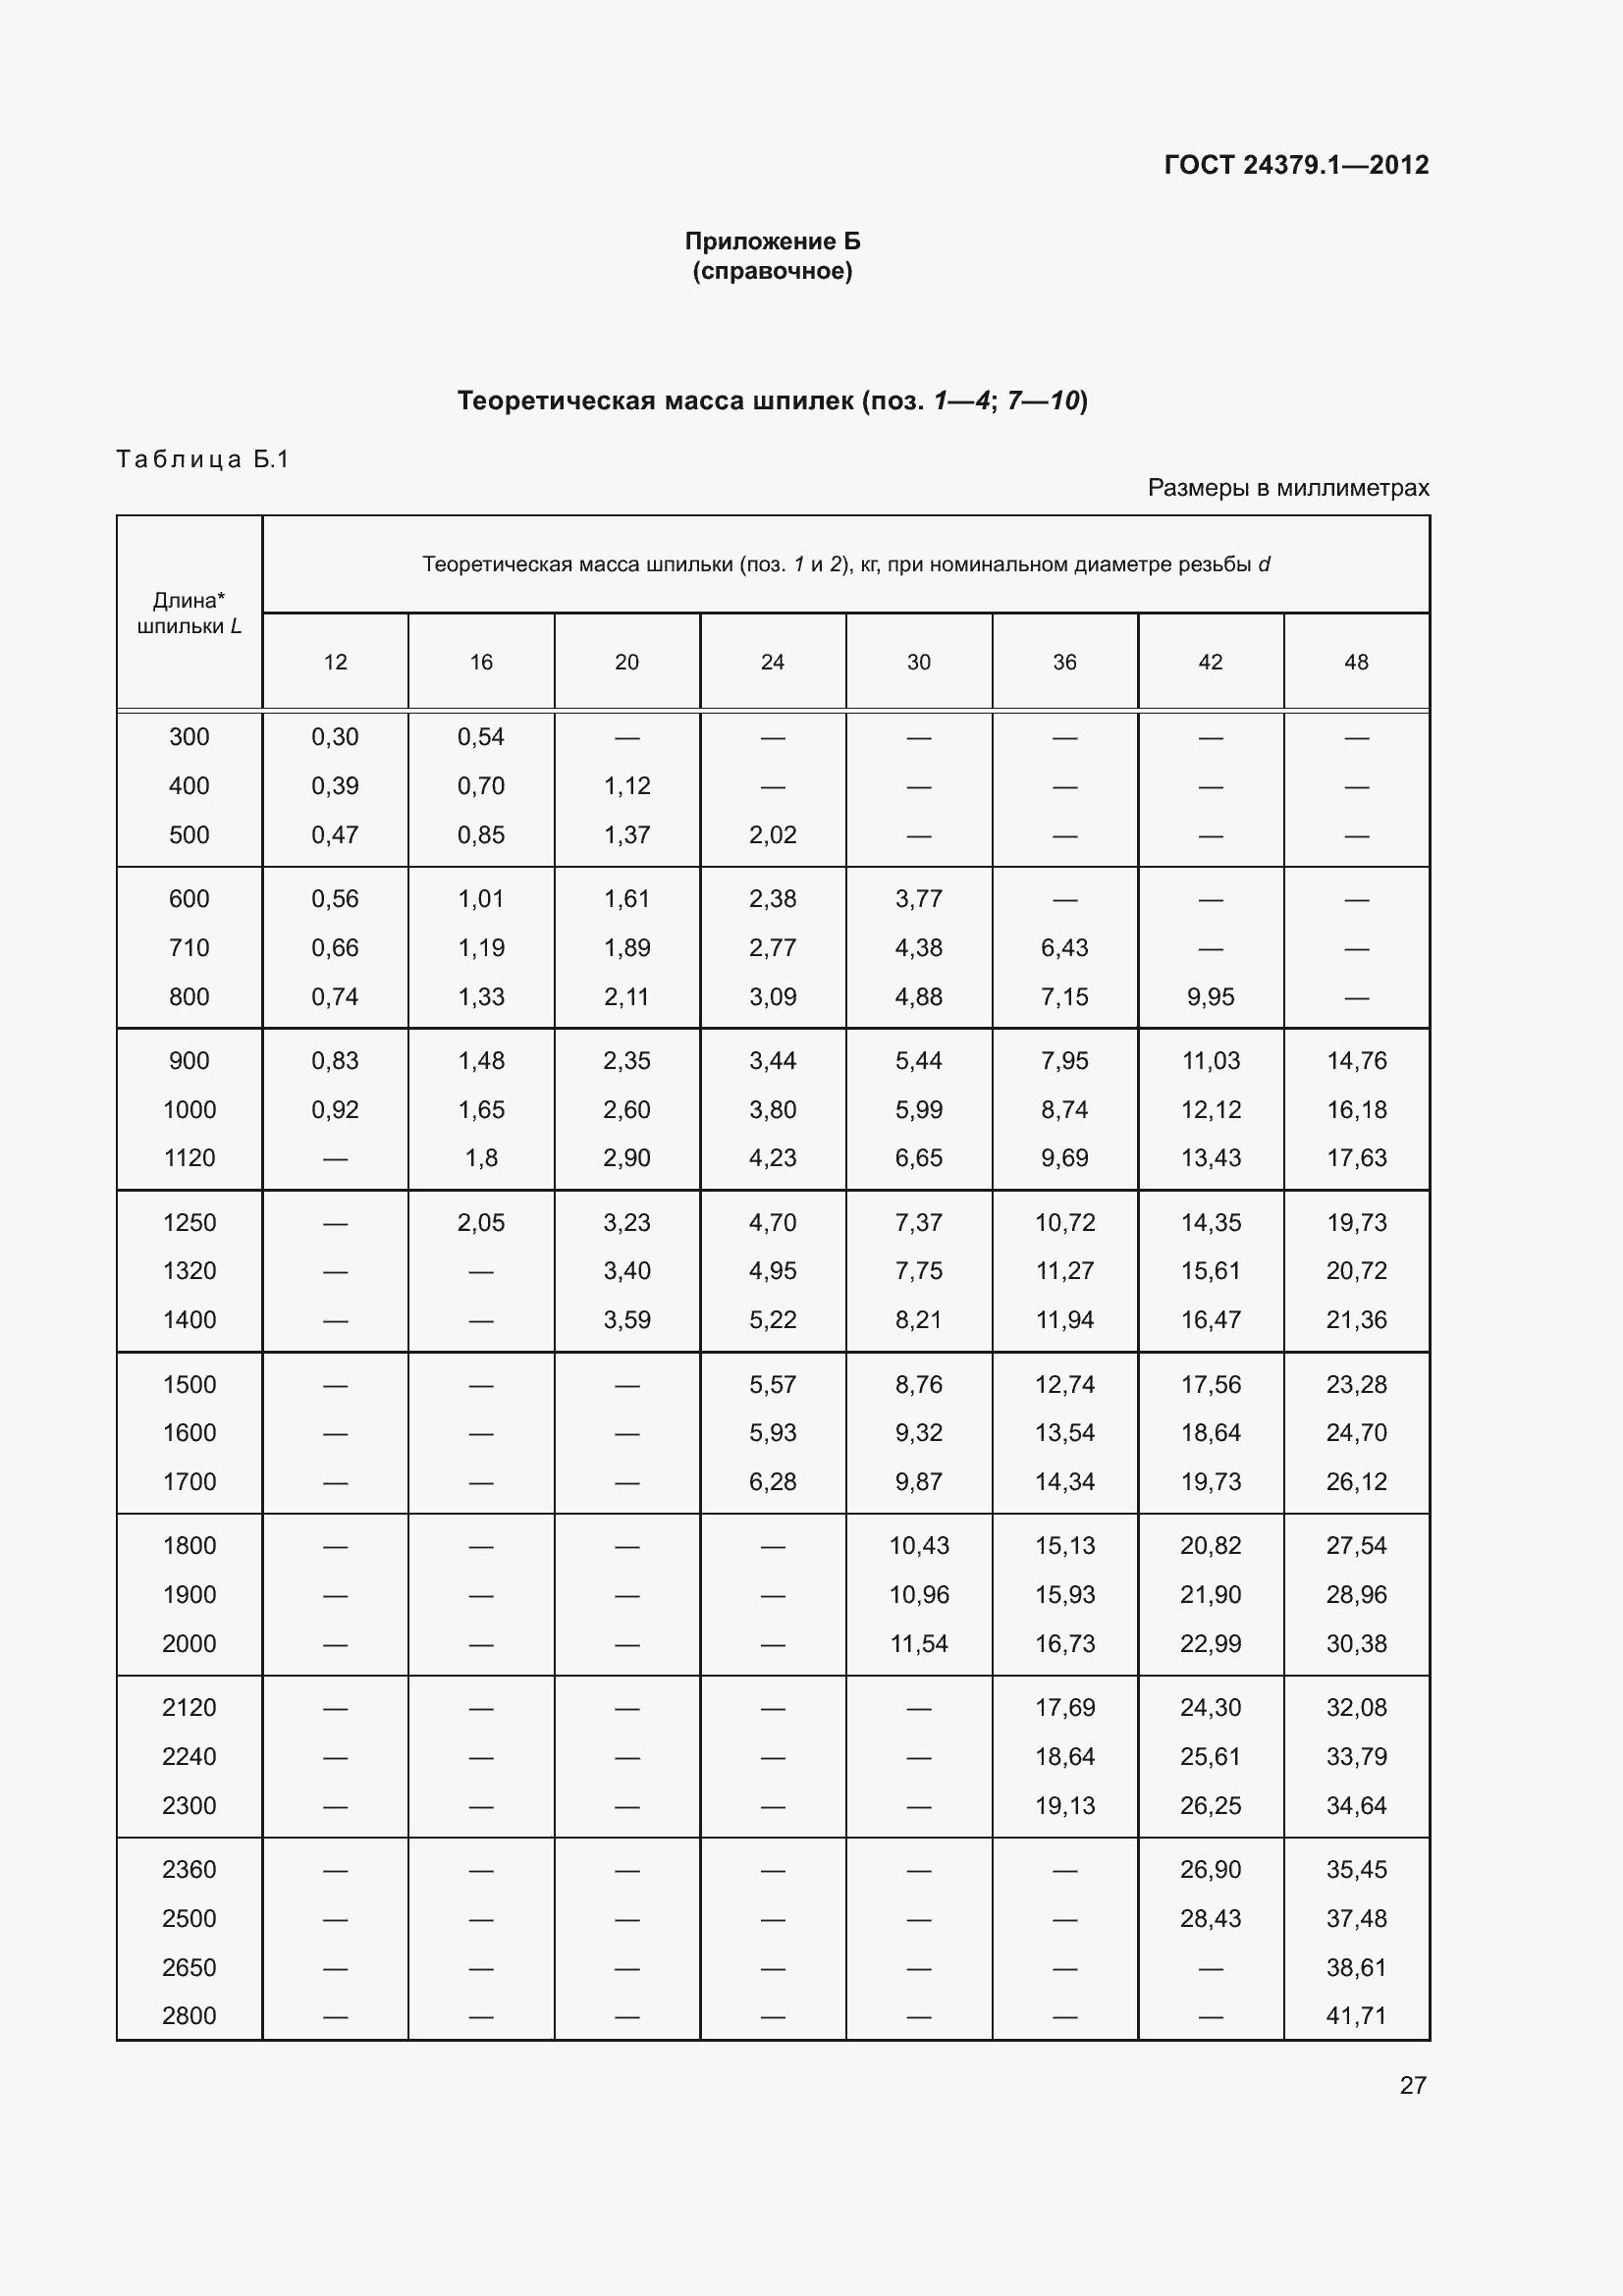 ГОСТ 24379.1-2012. Страница 33